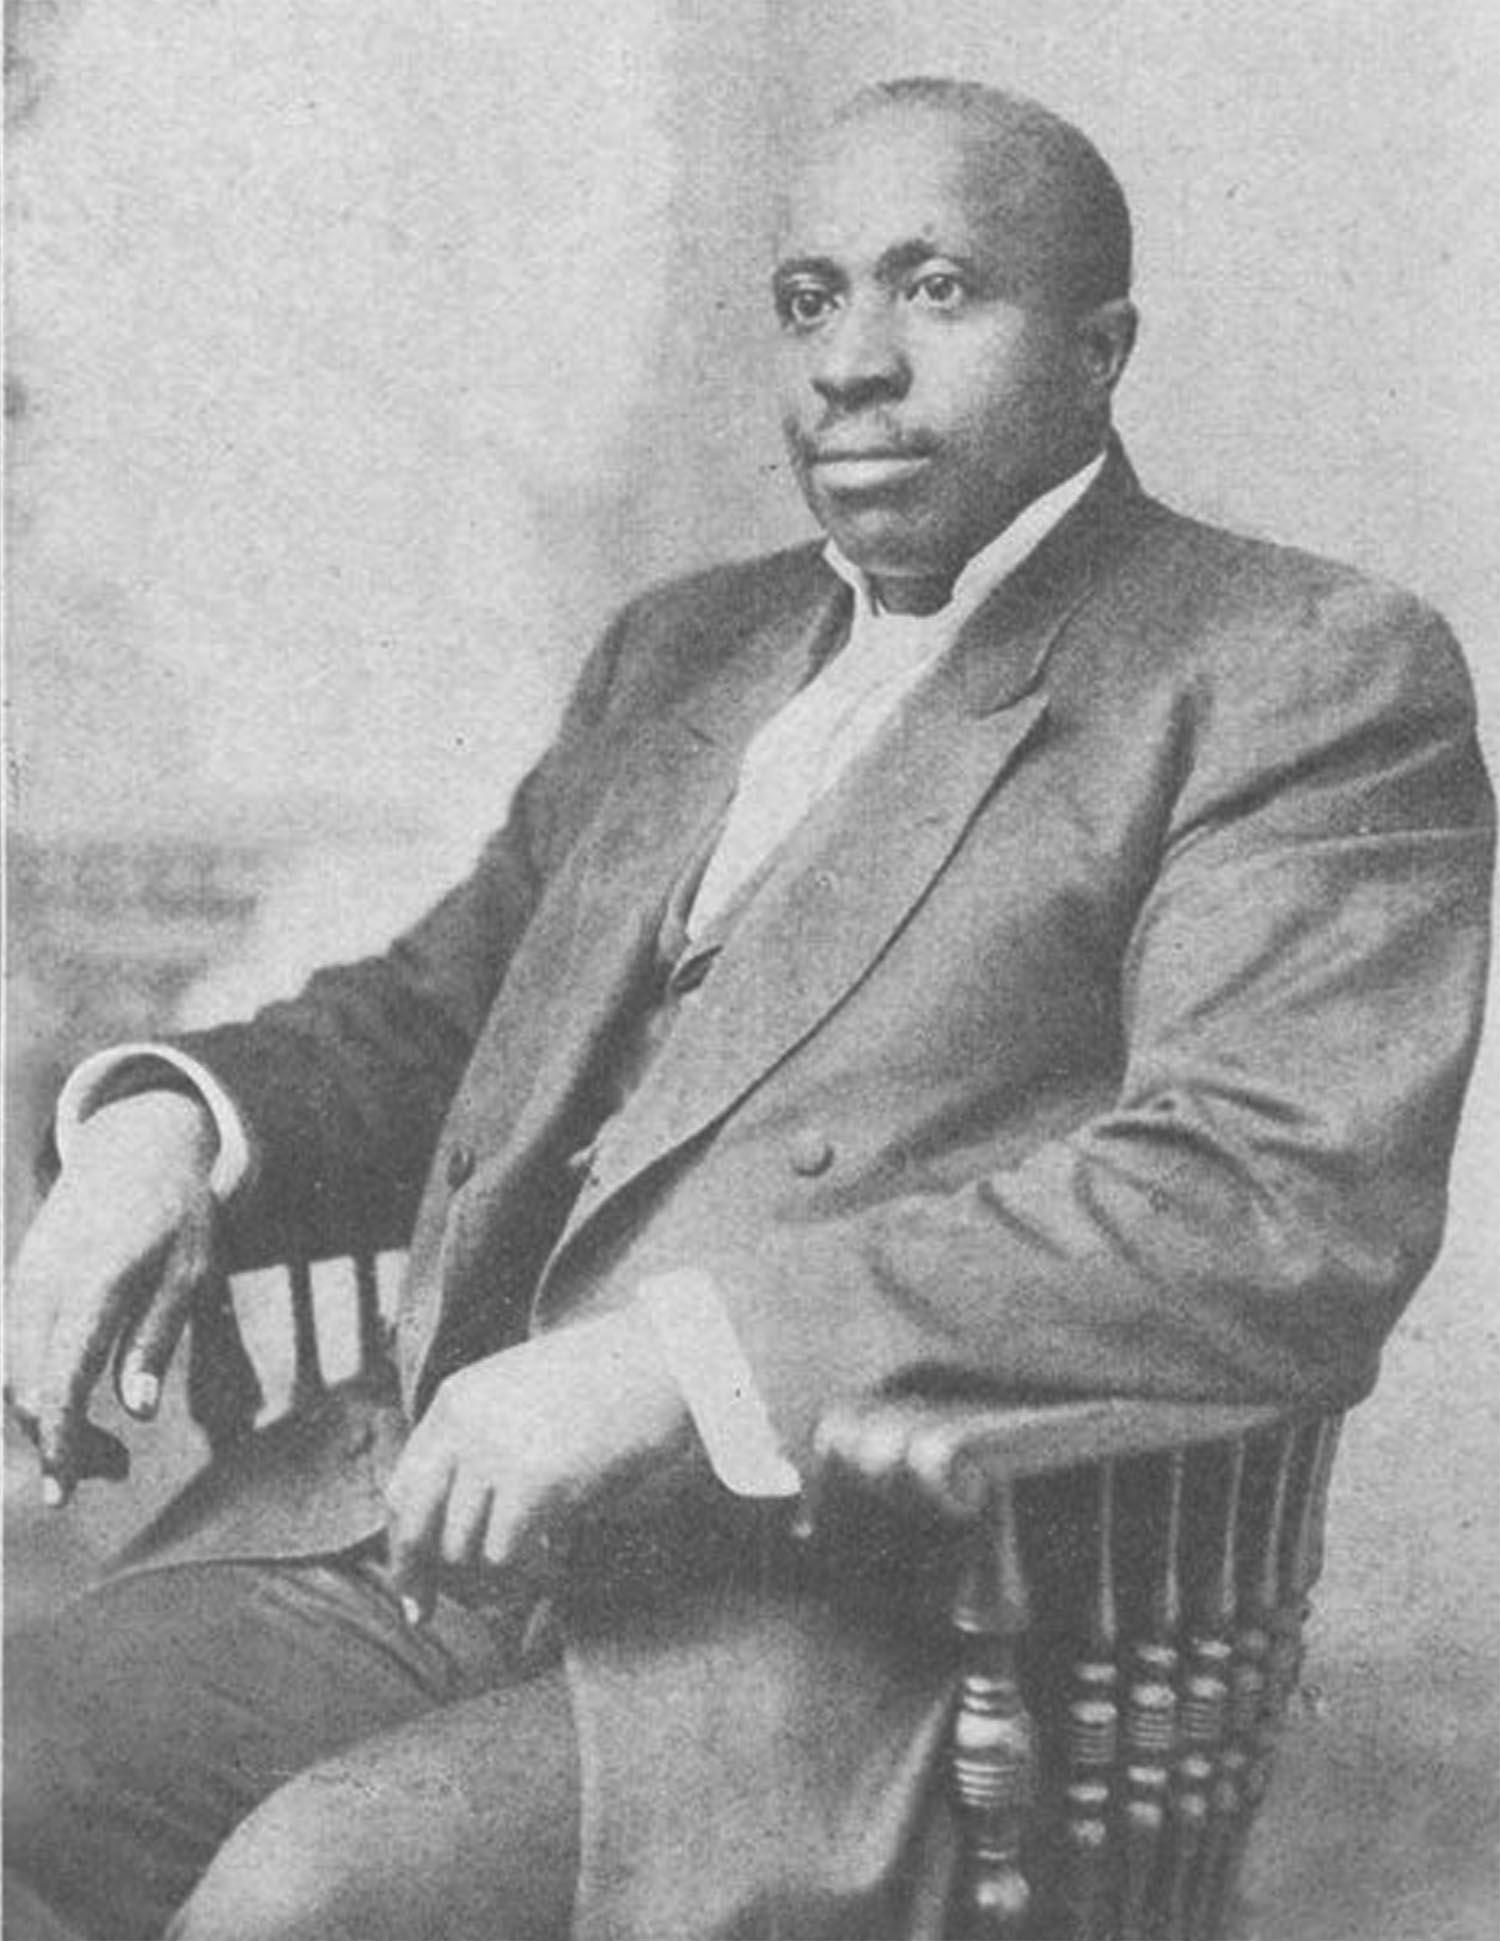 Dr. Thomas O. Fuller